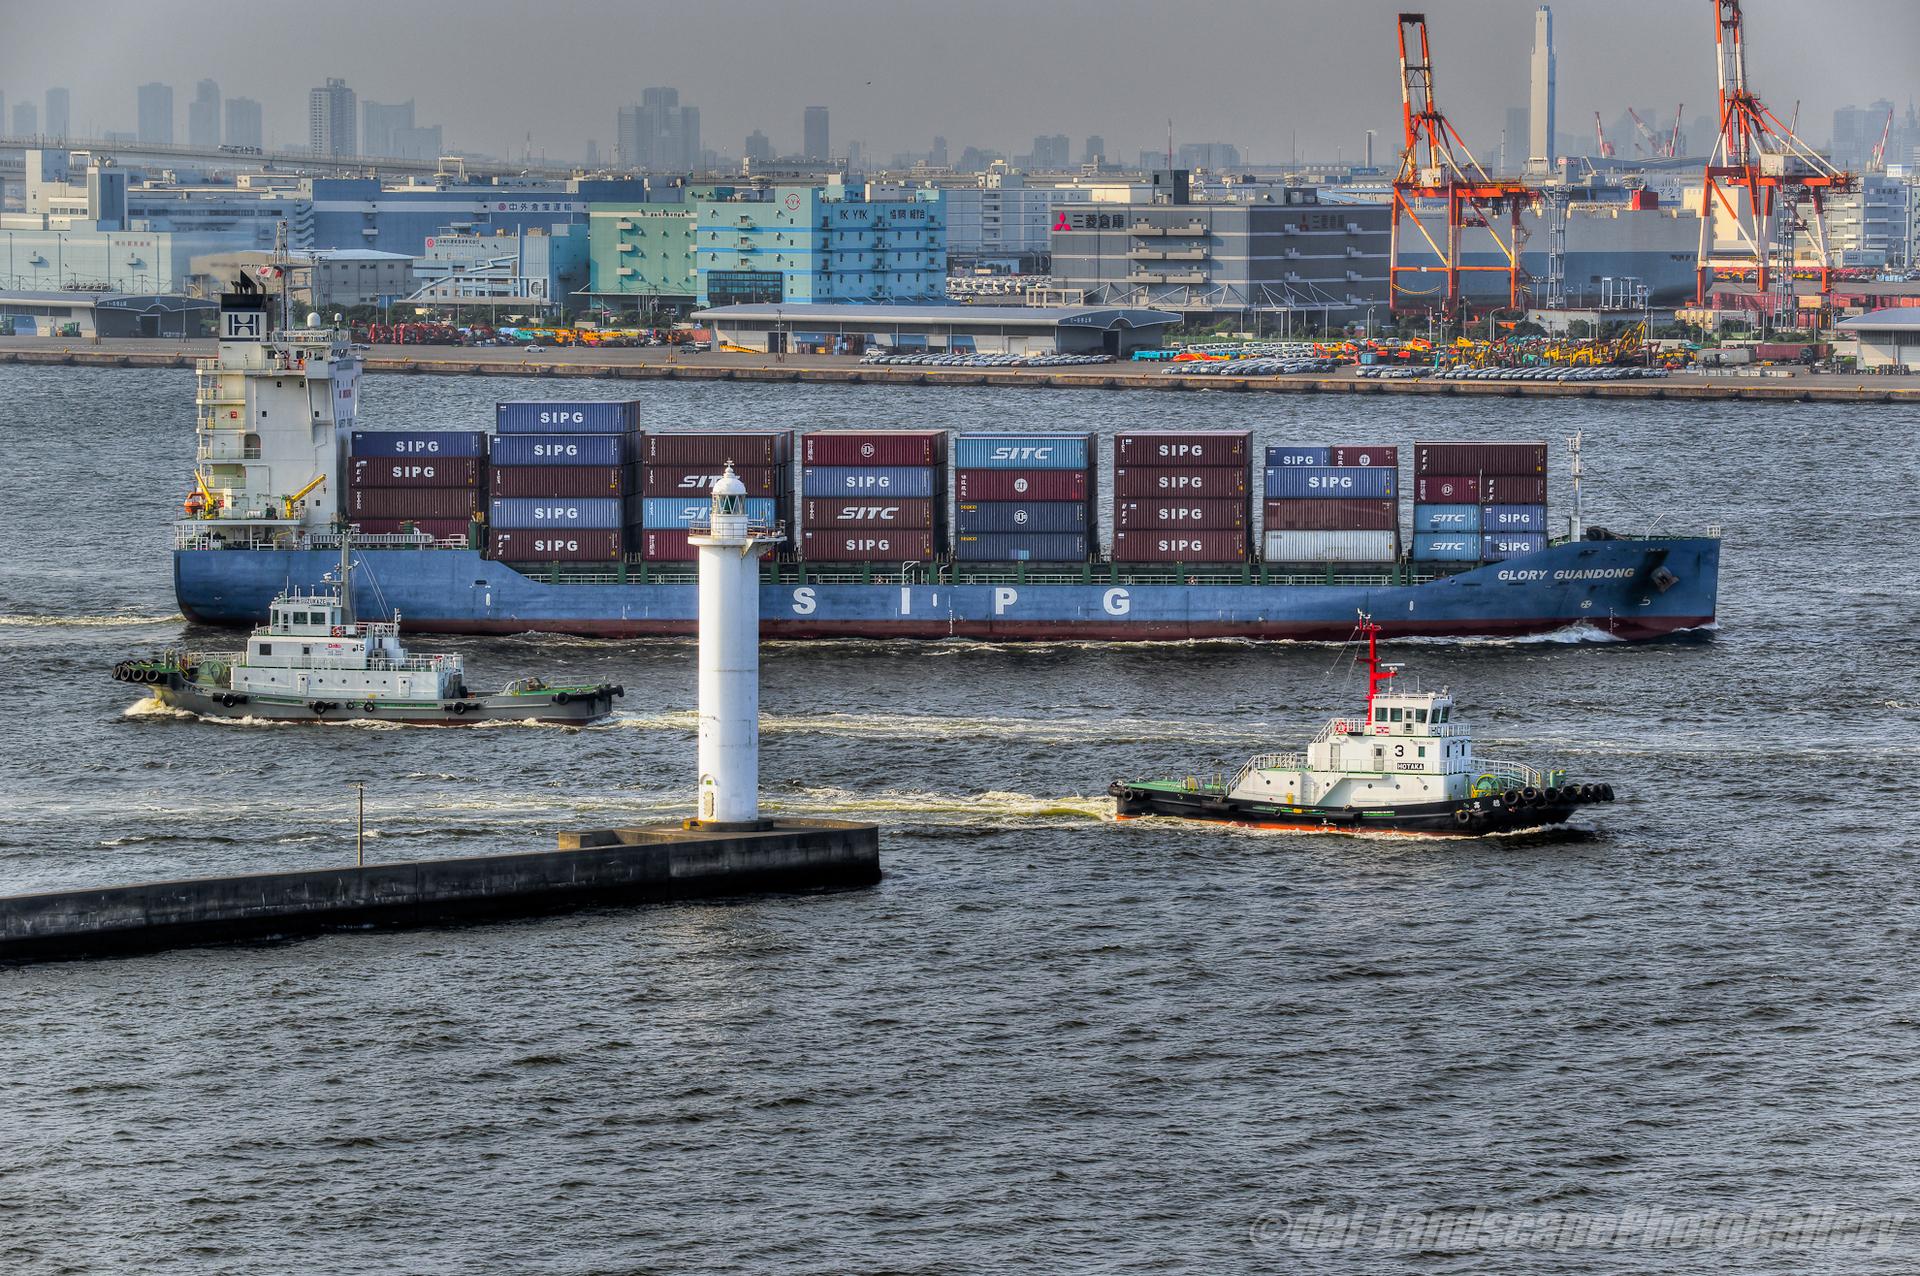 GLORY GUANDONG ~横浜港出航風景~【HDRi】